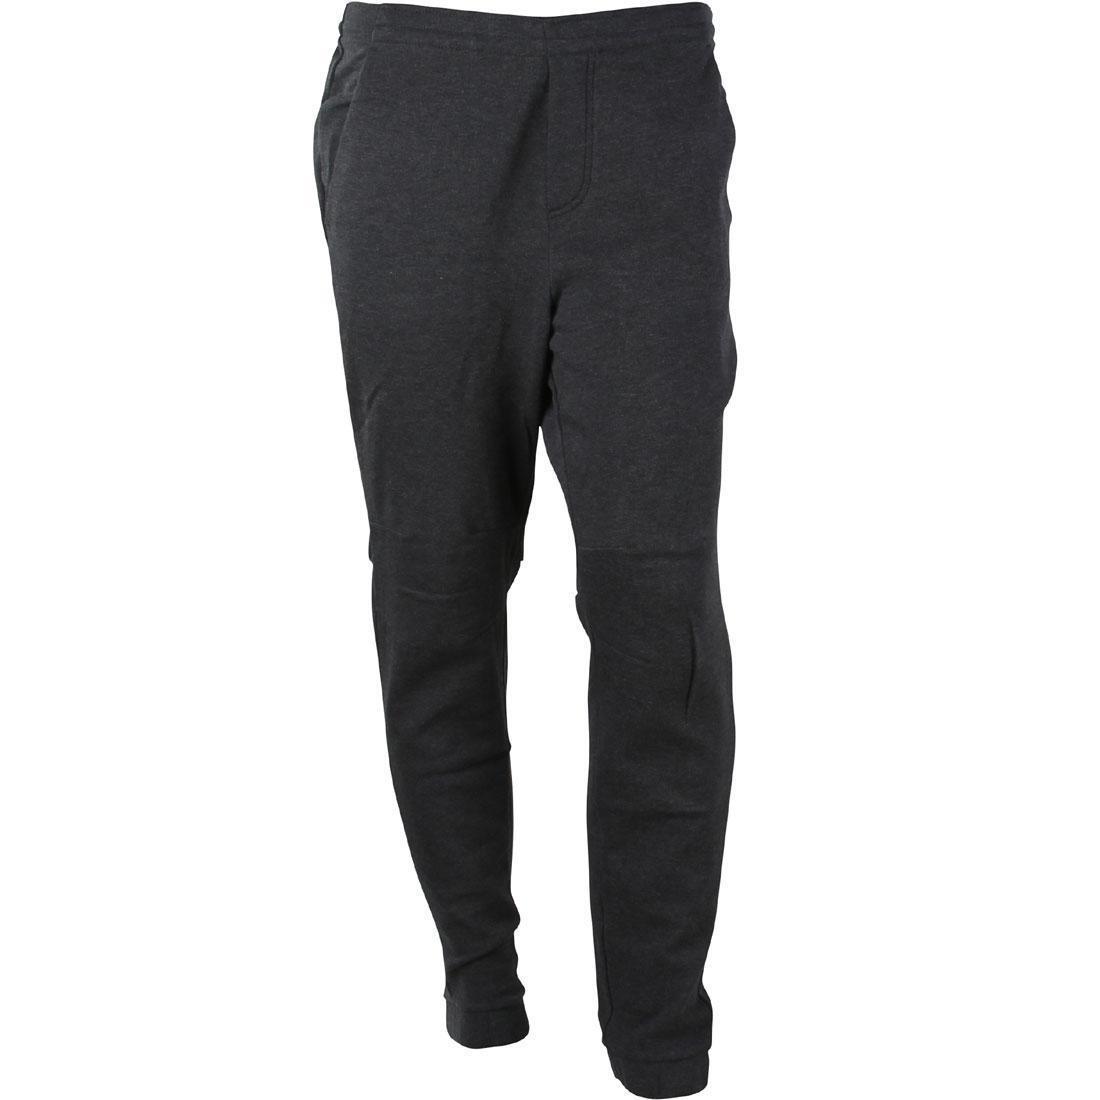 Air Jordan Knit City Pant   724493 060 Dark Grau Men Sz 32 - 38